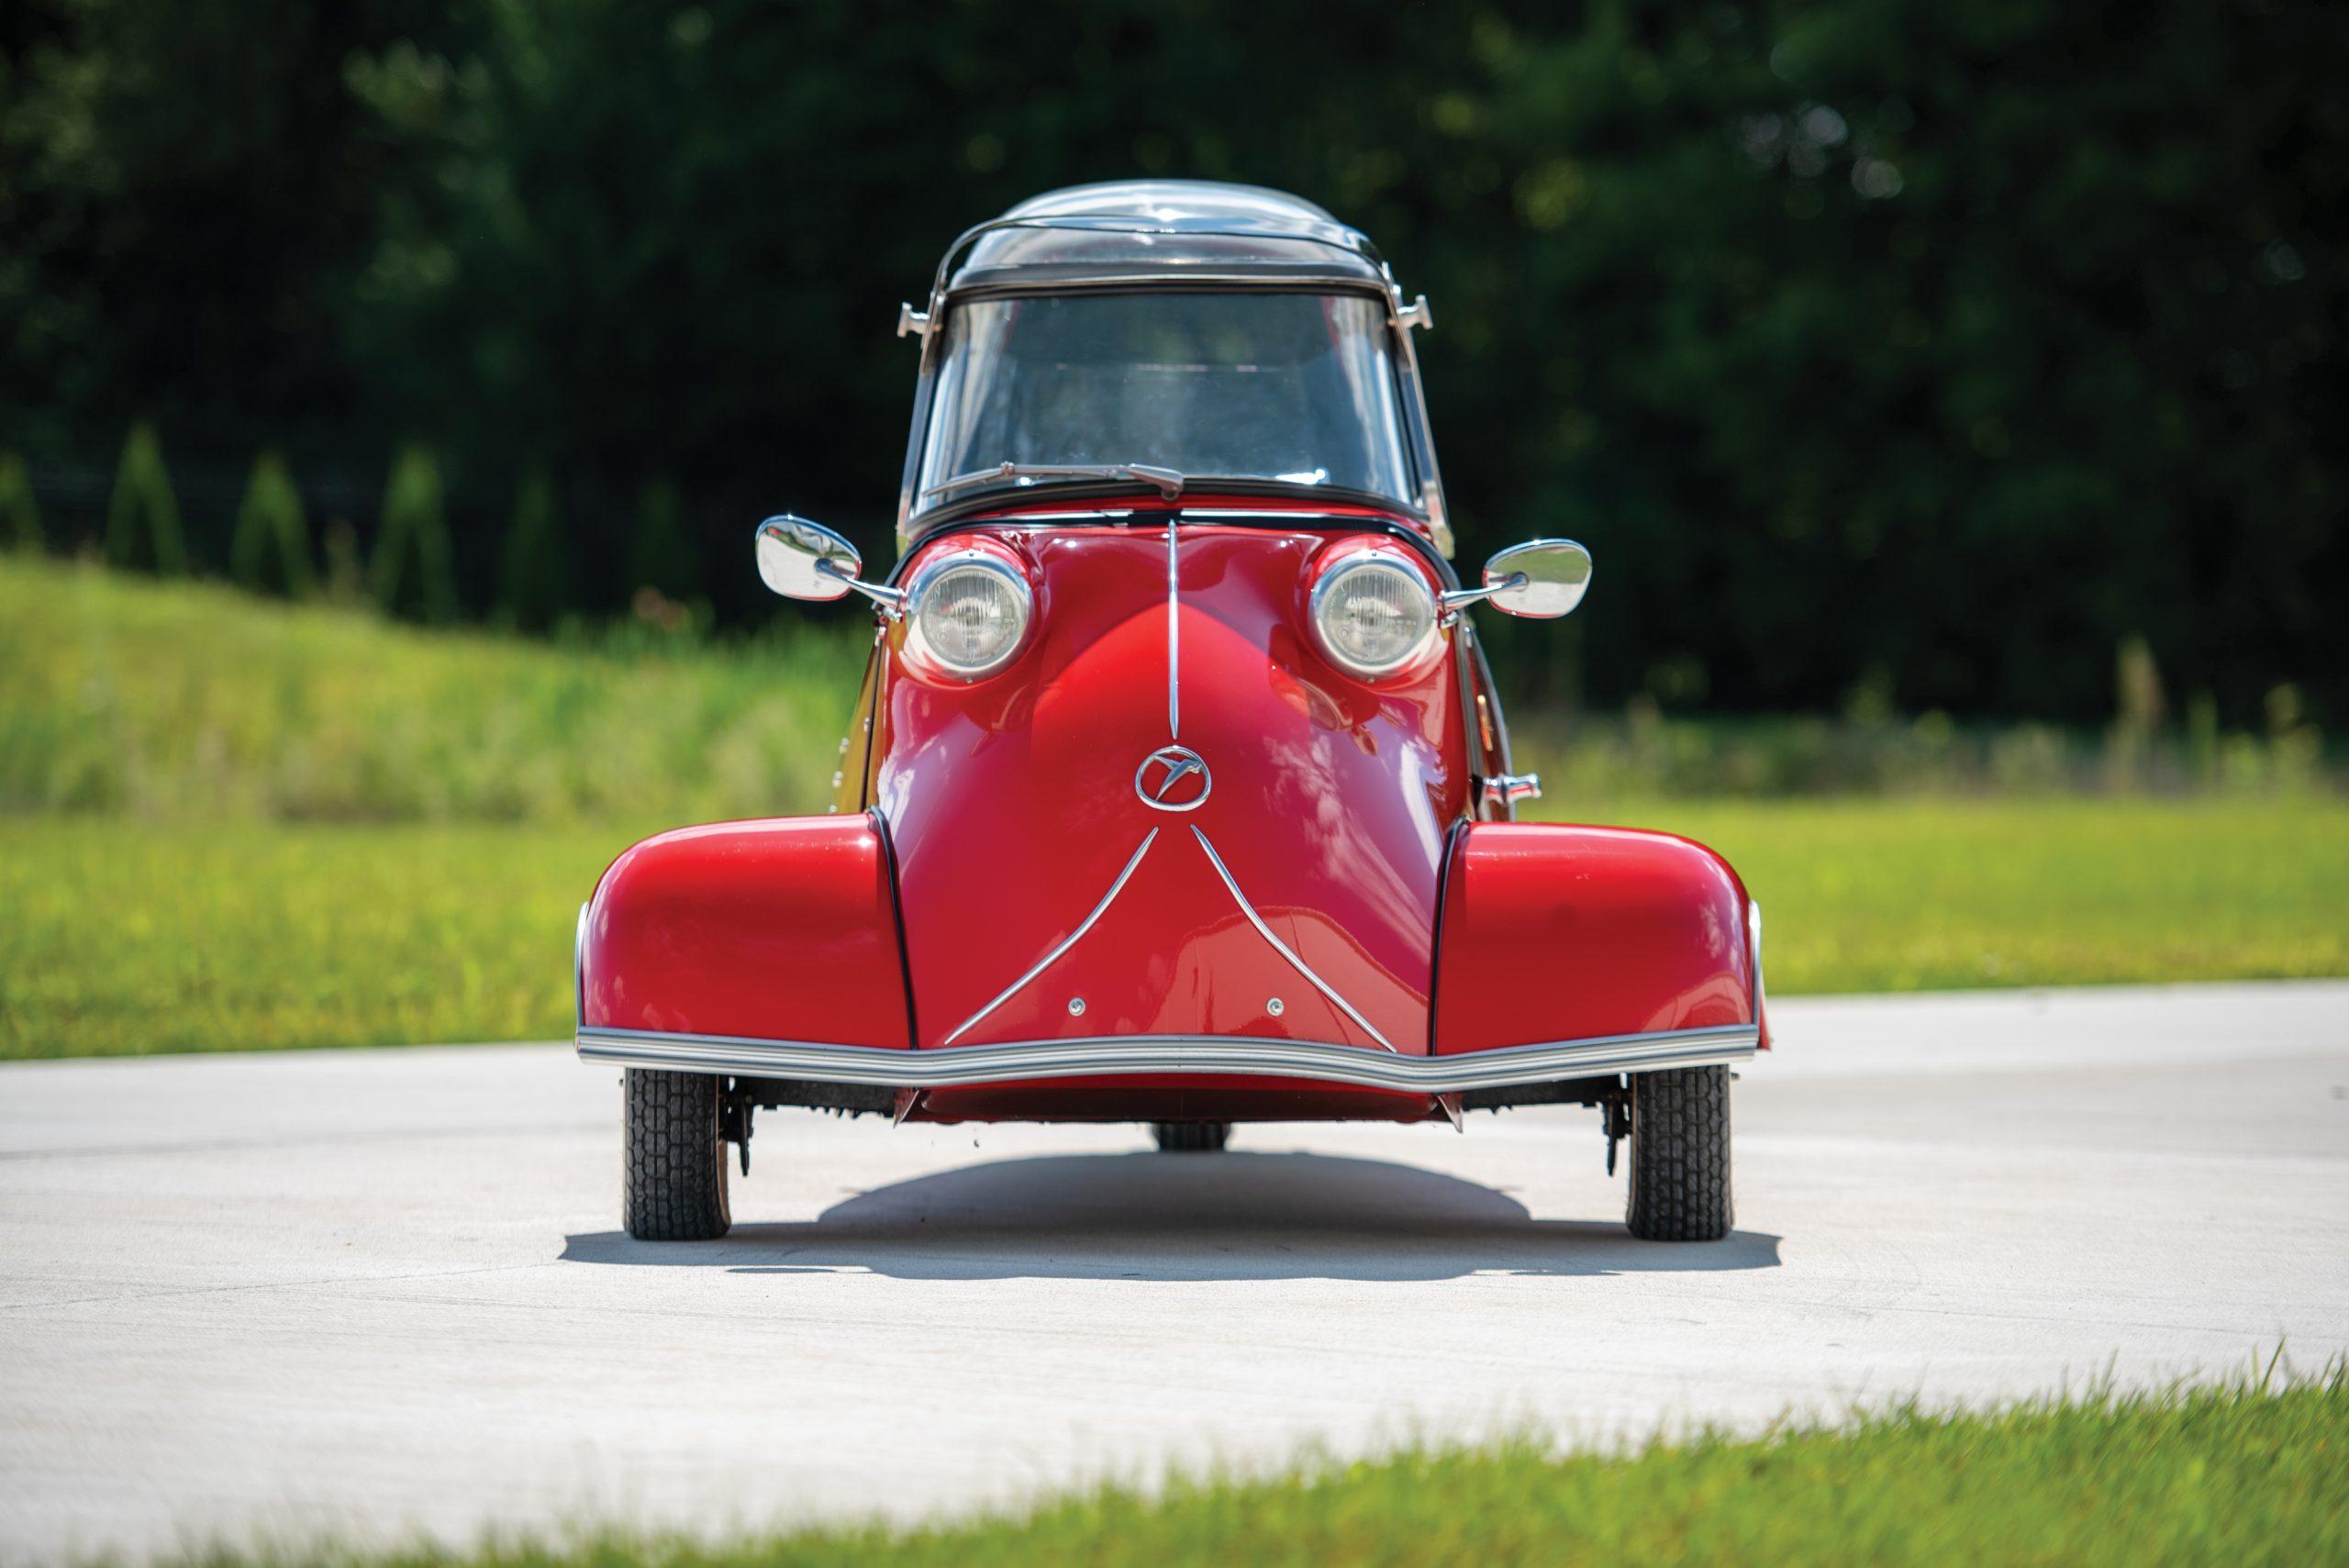 1956 Messerschmitt KR 200 front